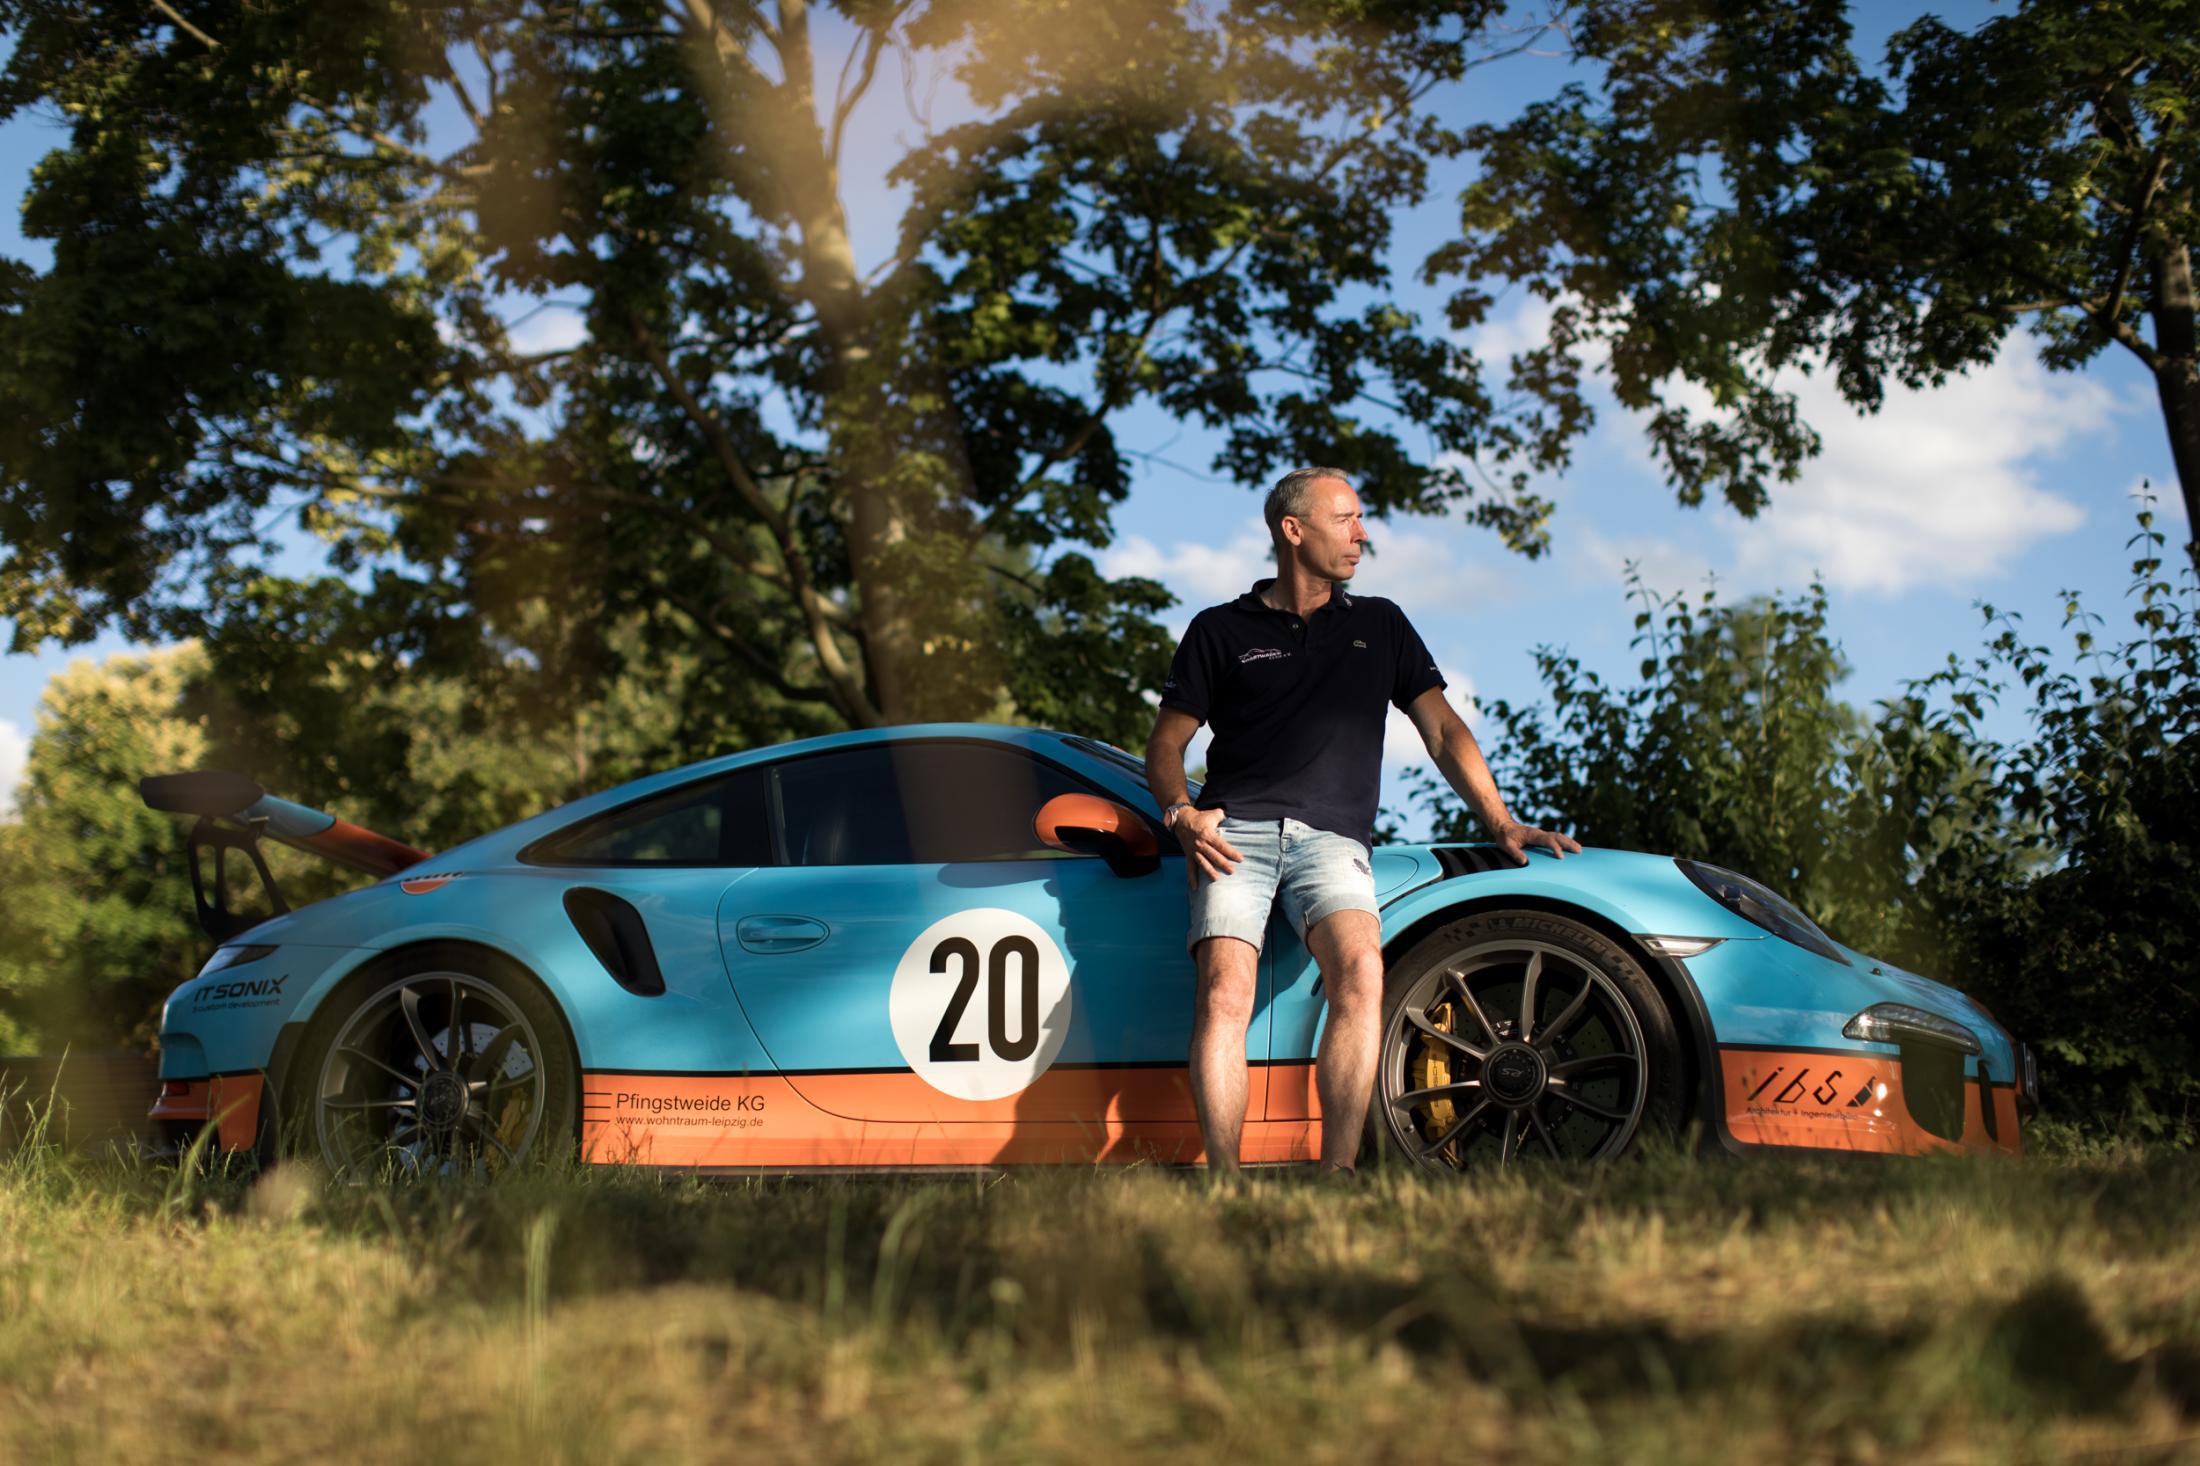 Sven Rübner - president of 'Sportwagen Club e.V.' for Neue Zürcher Zeitung